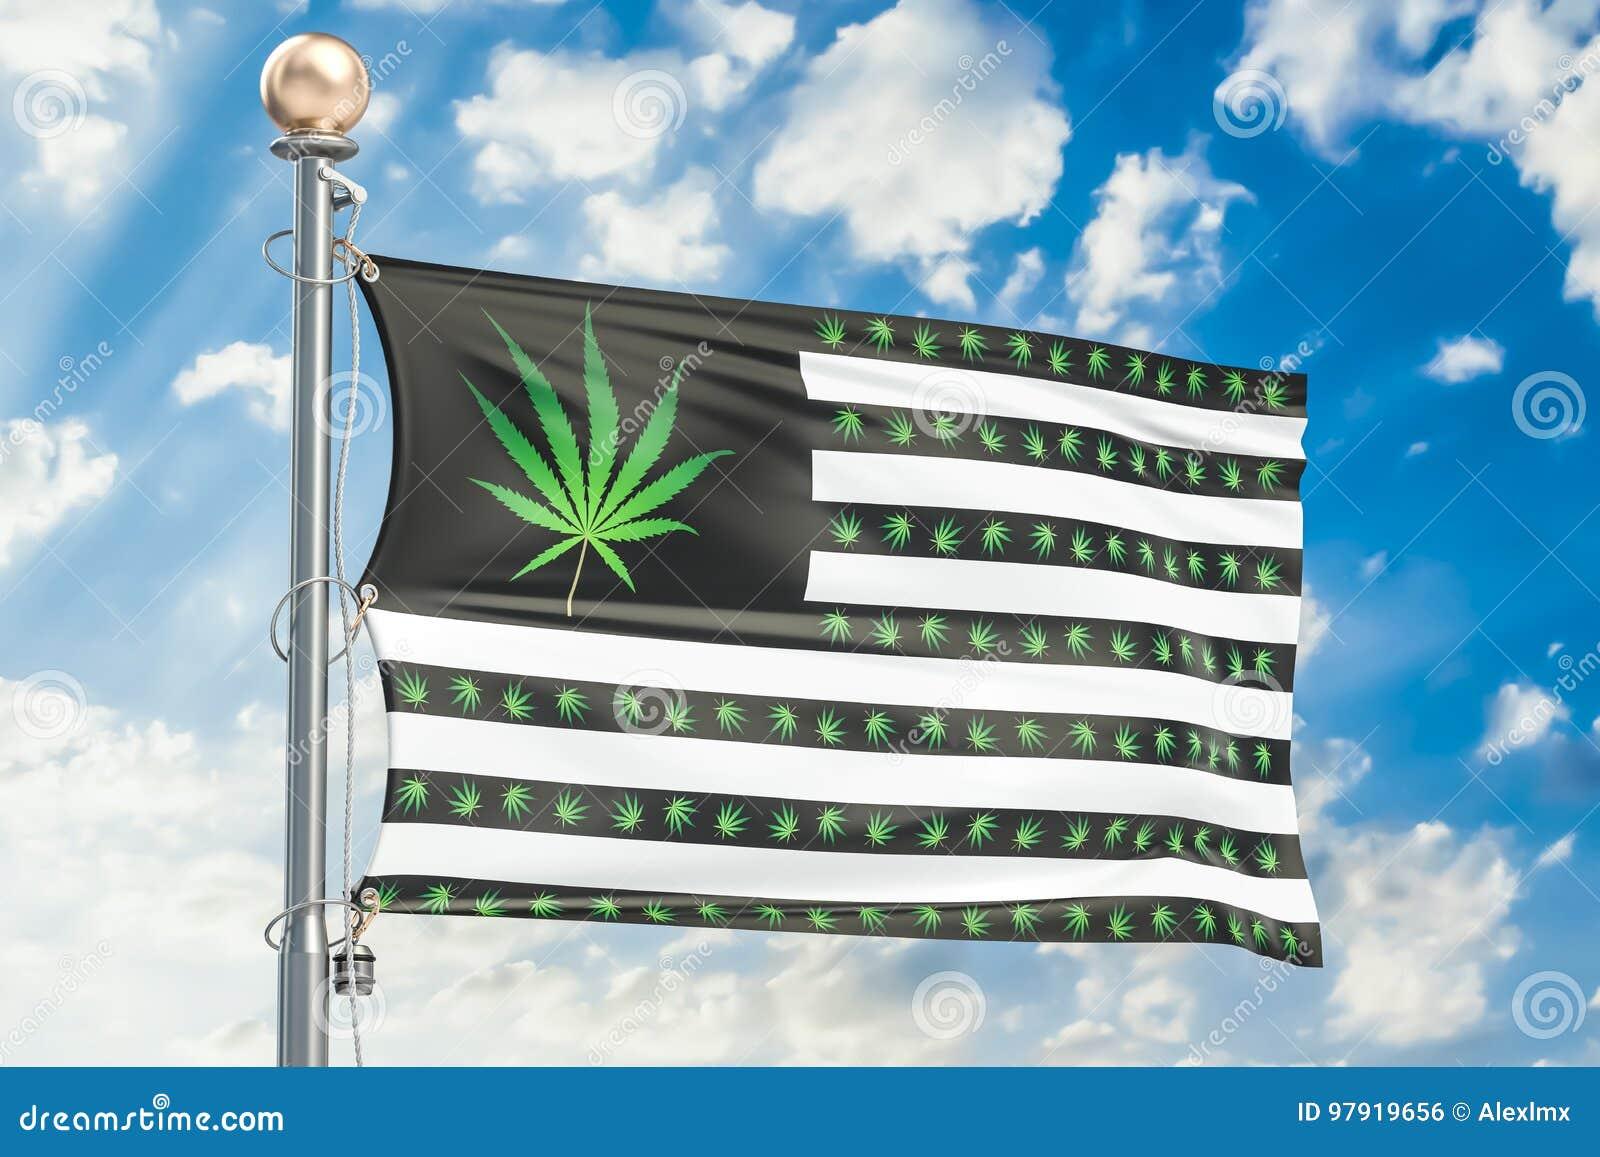 Конопля сша хорошие удобрение для марихуаны